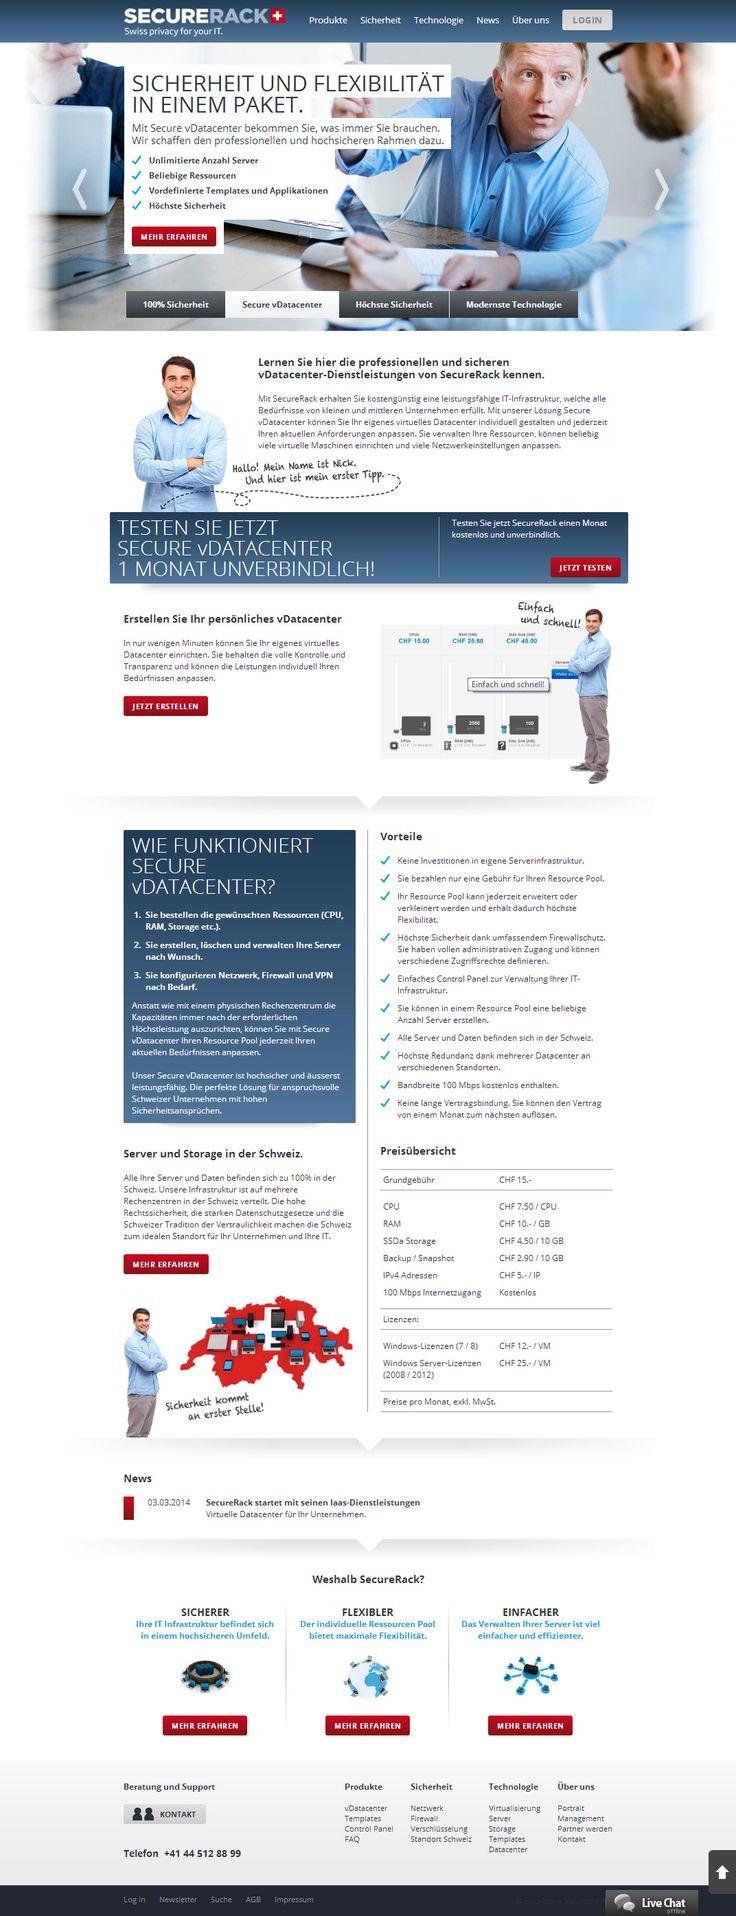 IaaS, Cloud, vDatacenter, VMware, Private Cloud, VPS, Virtual Server, Dedicated Server, Server Housing, Colocation. Mit SecureRack erhalten Sie kostengünstig eine leistungsfähige IT-Infrastruktur, welche alle Bedürfnisse von kleinen und mittleren Unternehmen erfüllt. URL: http://www.securerack.ch CMS: #Weblication